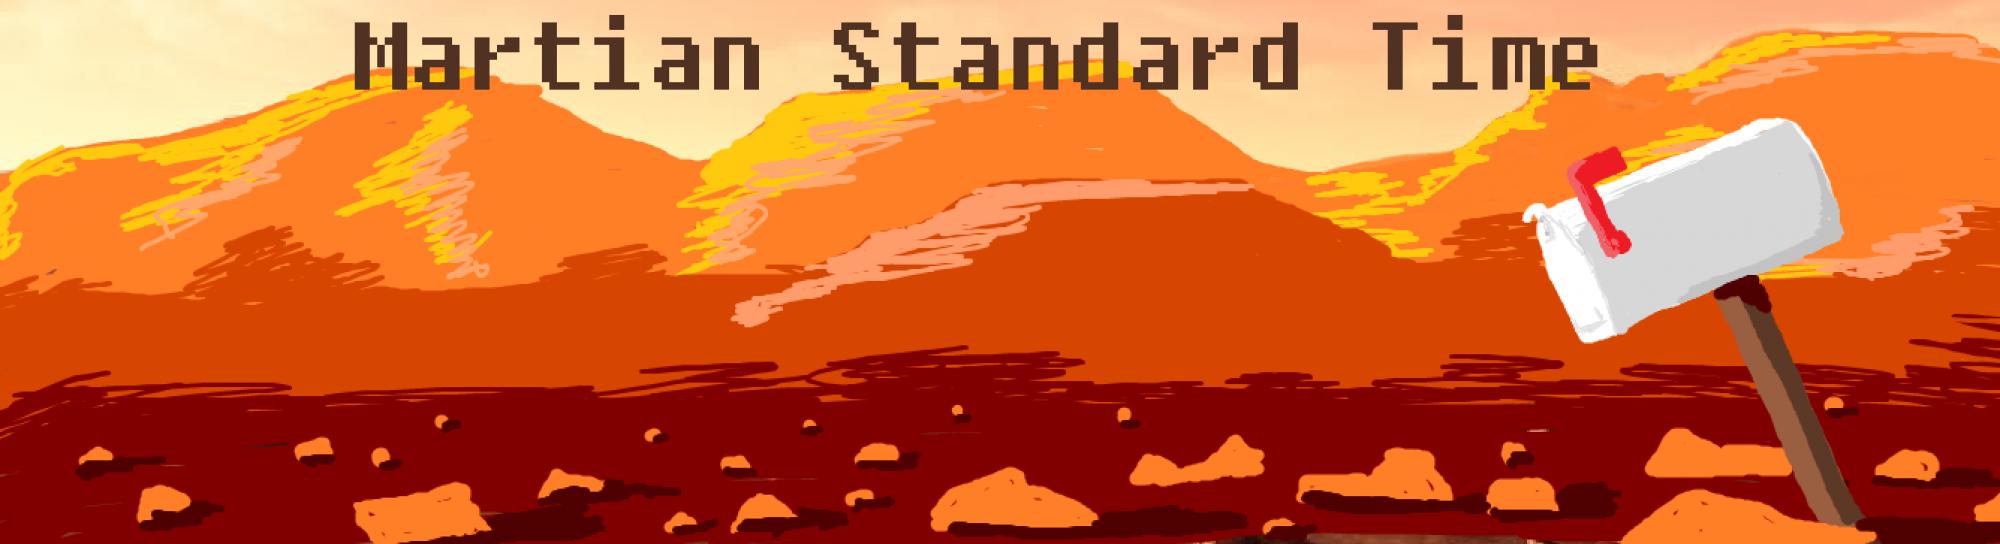 Martian Standard Time